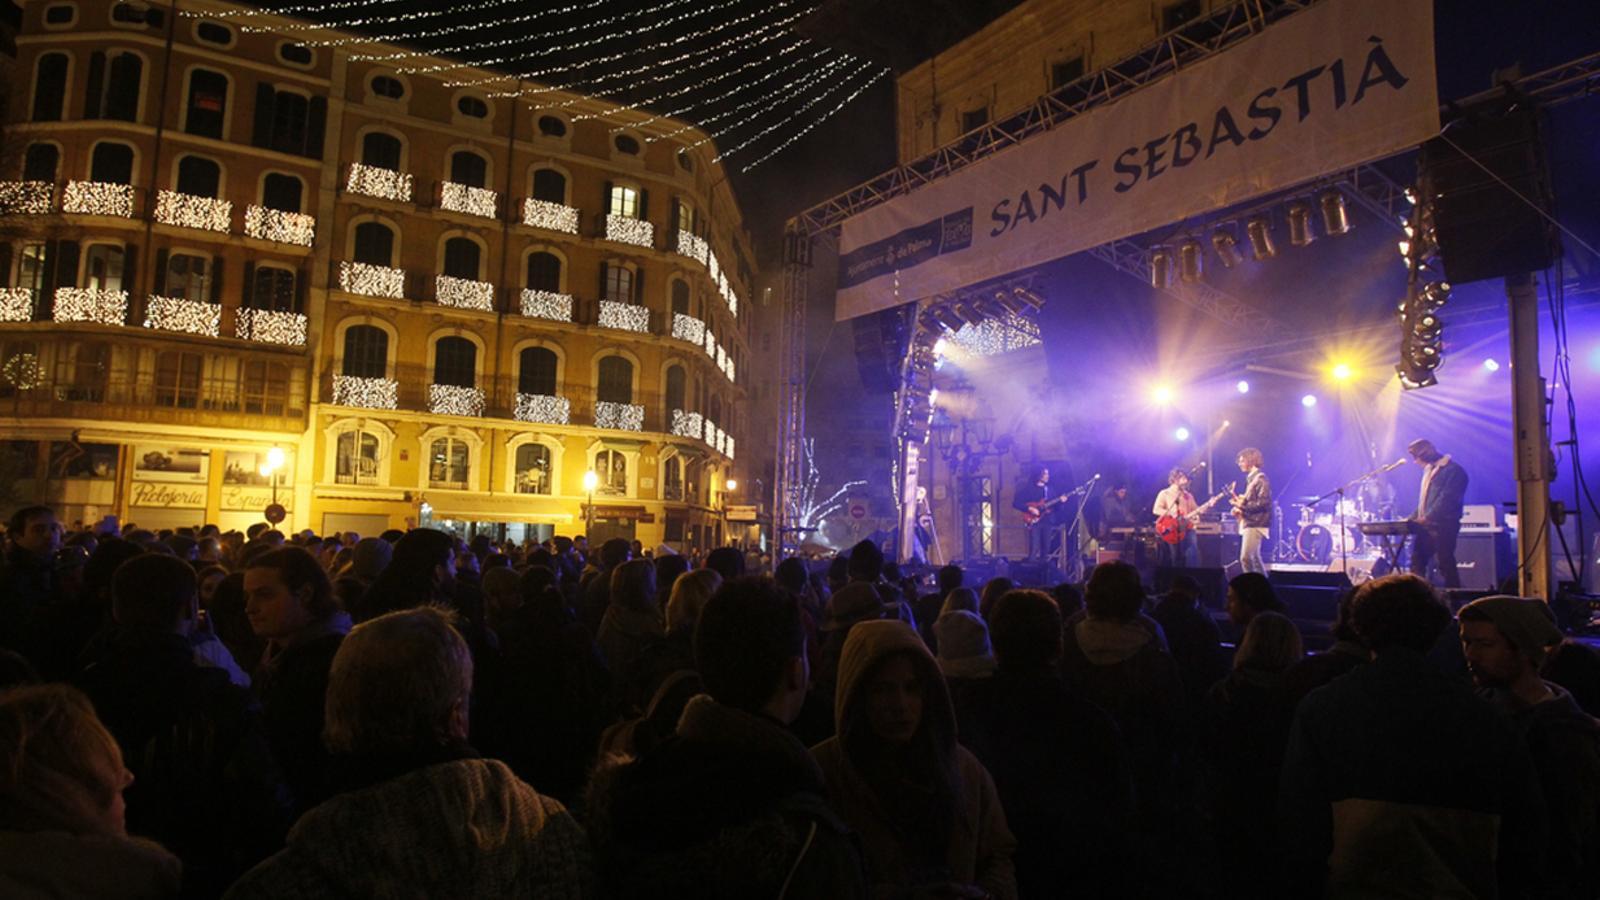 L'Ajuntament de Palma es planteja cancel·lar la revetla de Sant Sebastià per mal temps